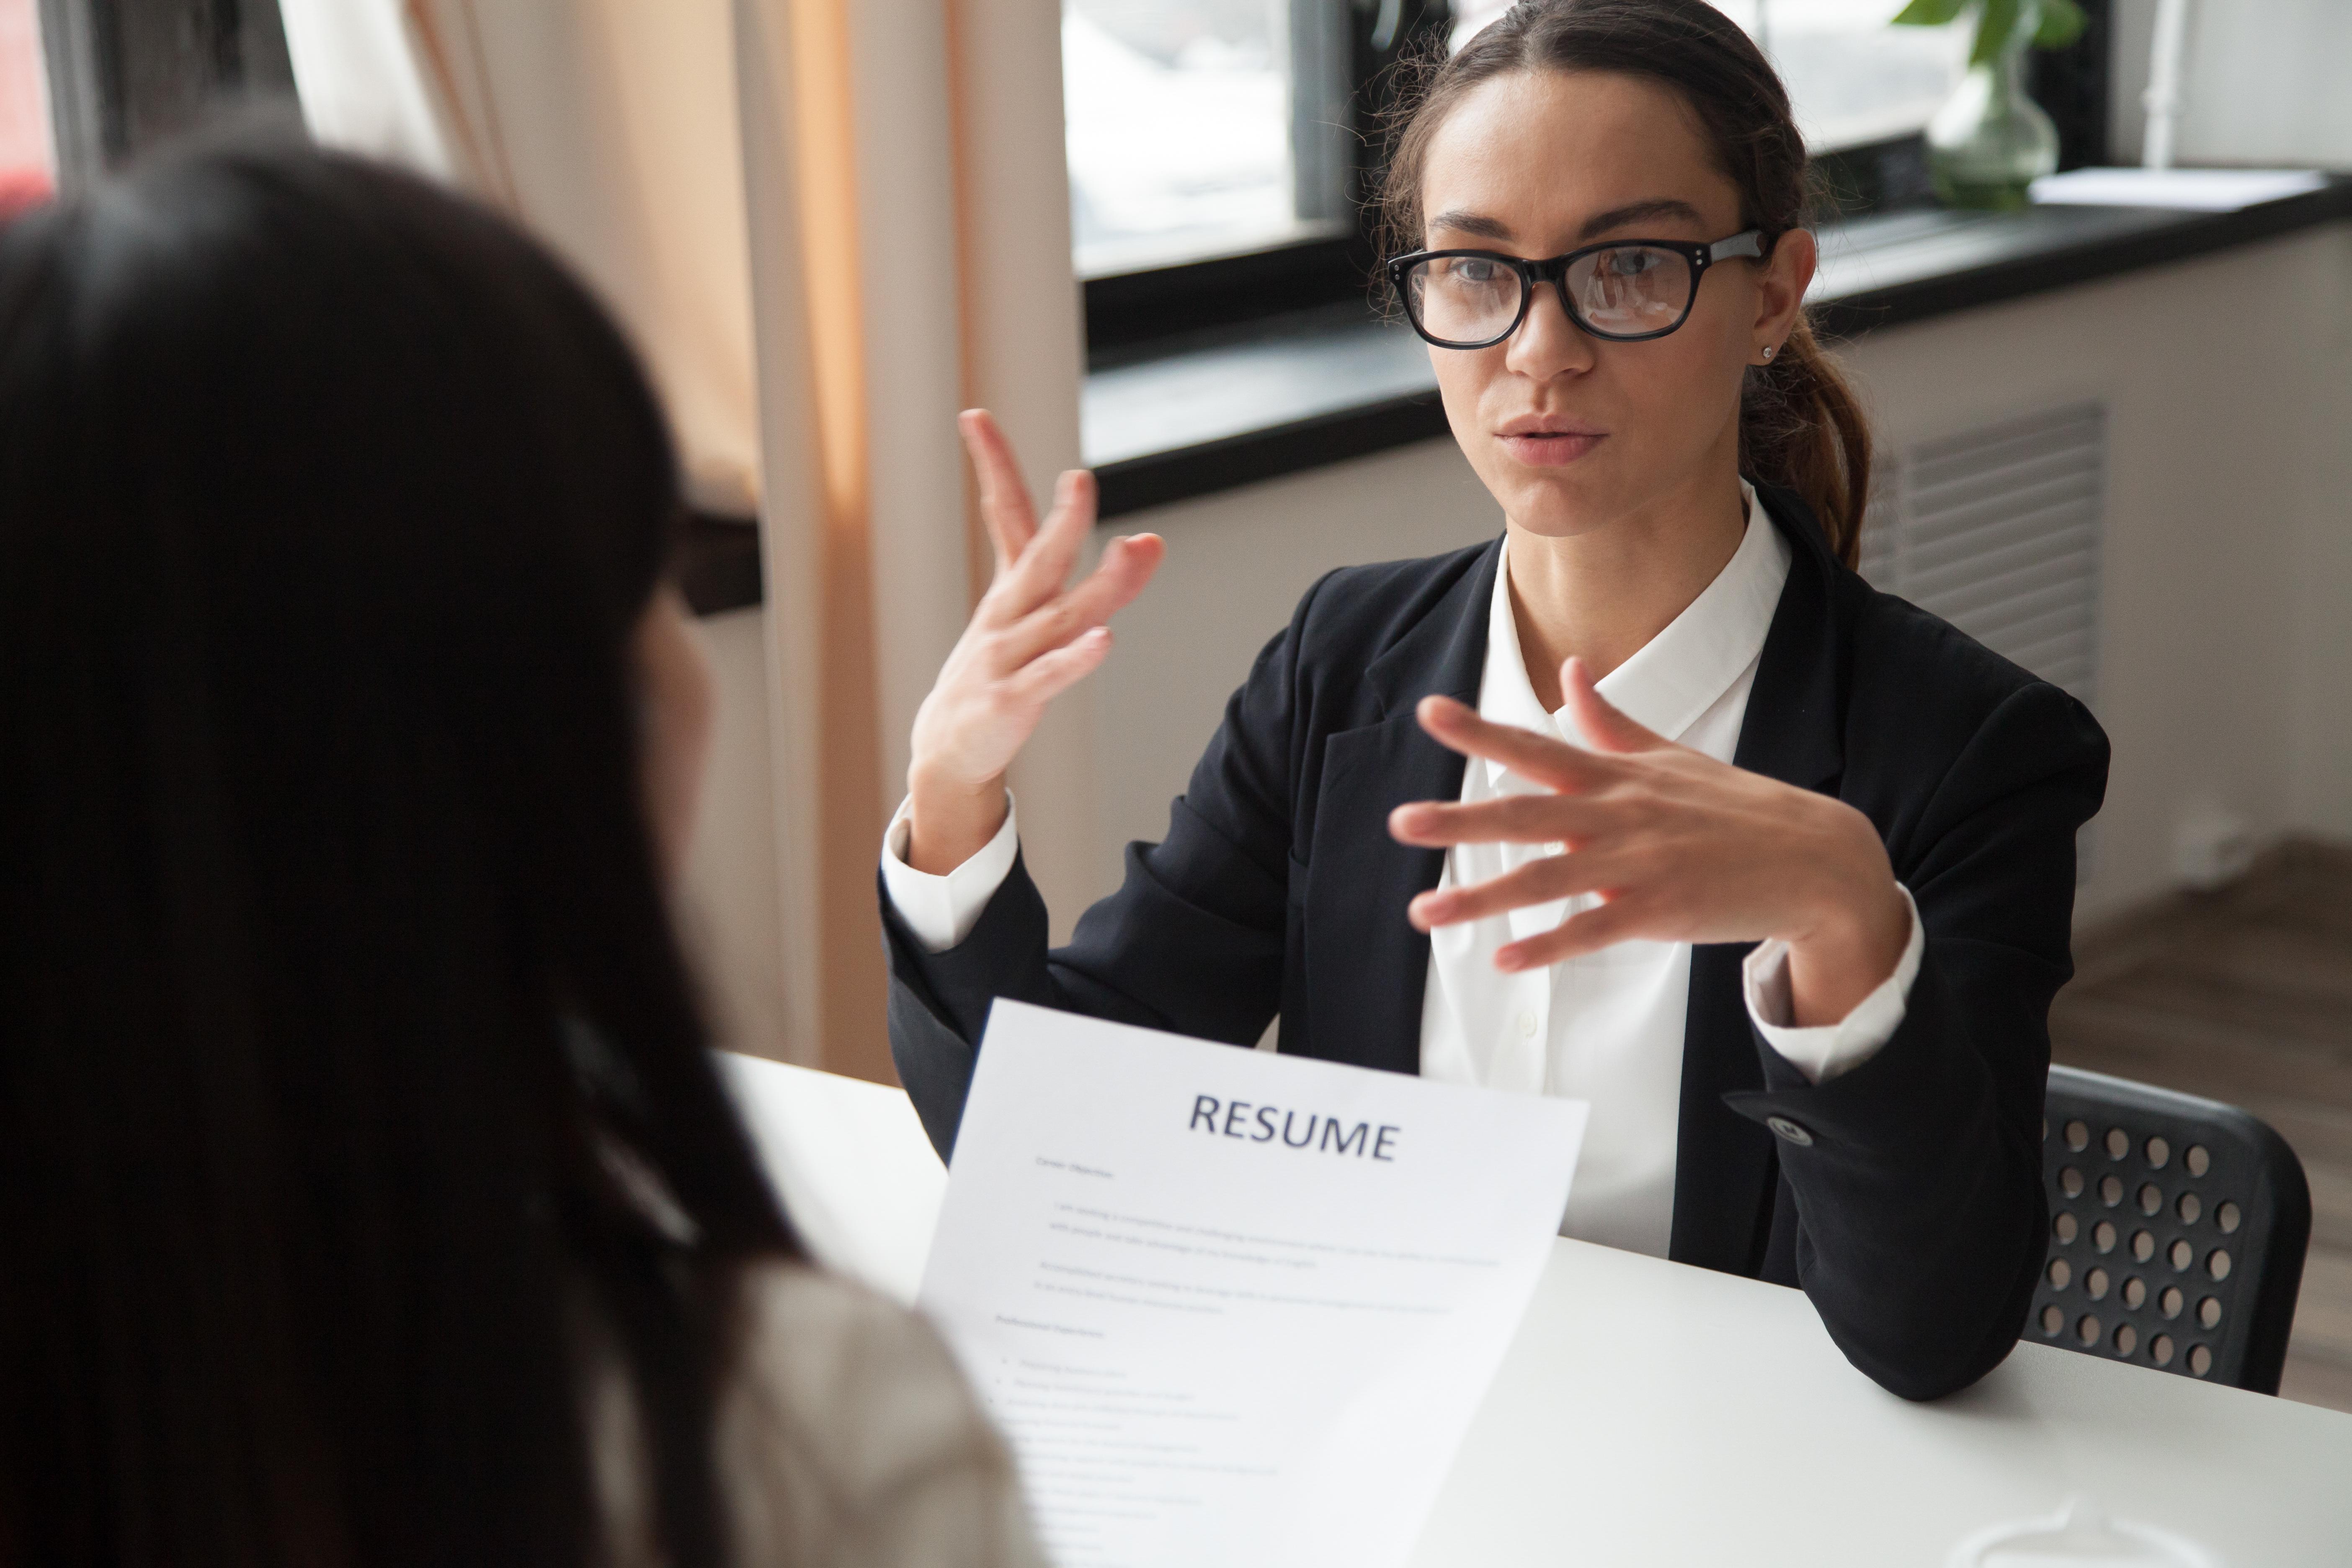 ¿Cómo conviene hablar en una entrevista? 7 claves para comunicar correctamente